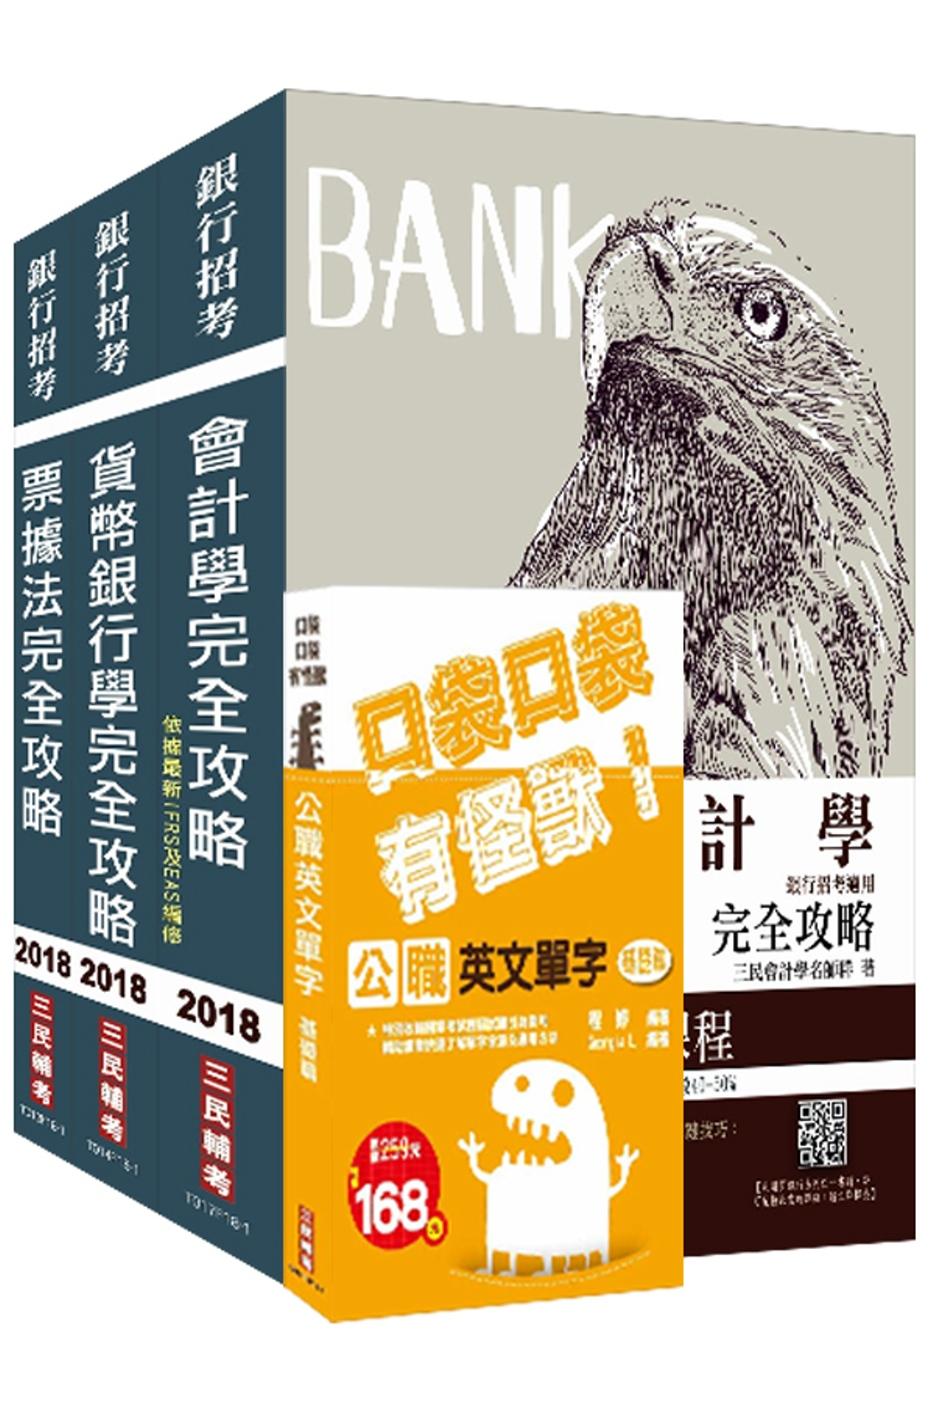 【2018年全新版】台灣中小企銀新進人員[一般行員][綜合科目]三合一套書(贈公職英文單字口袋書)